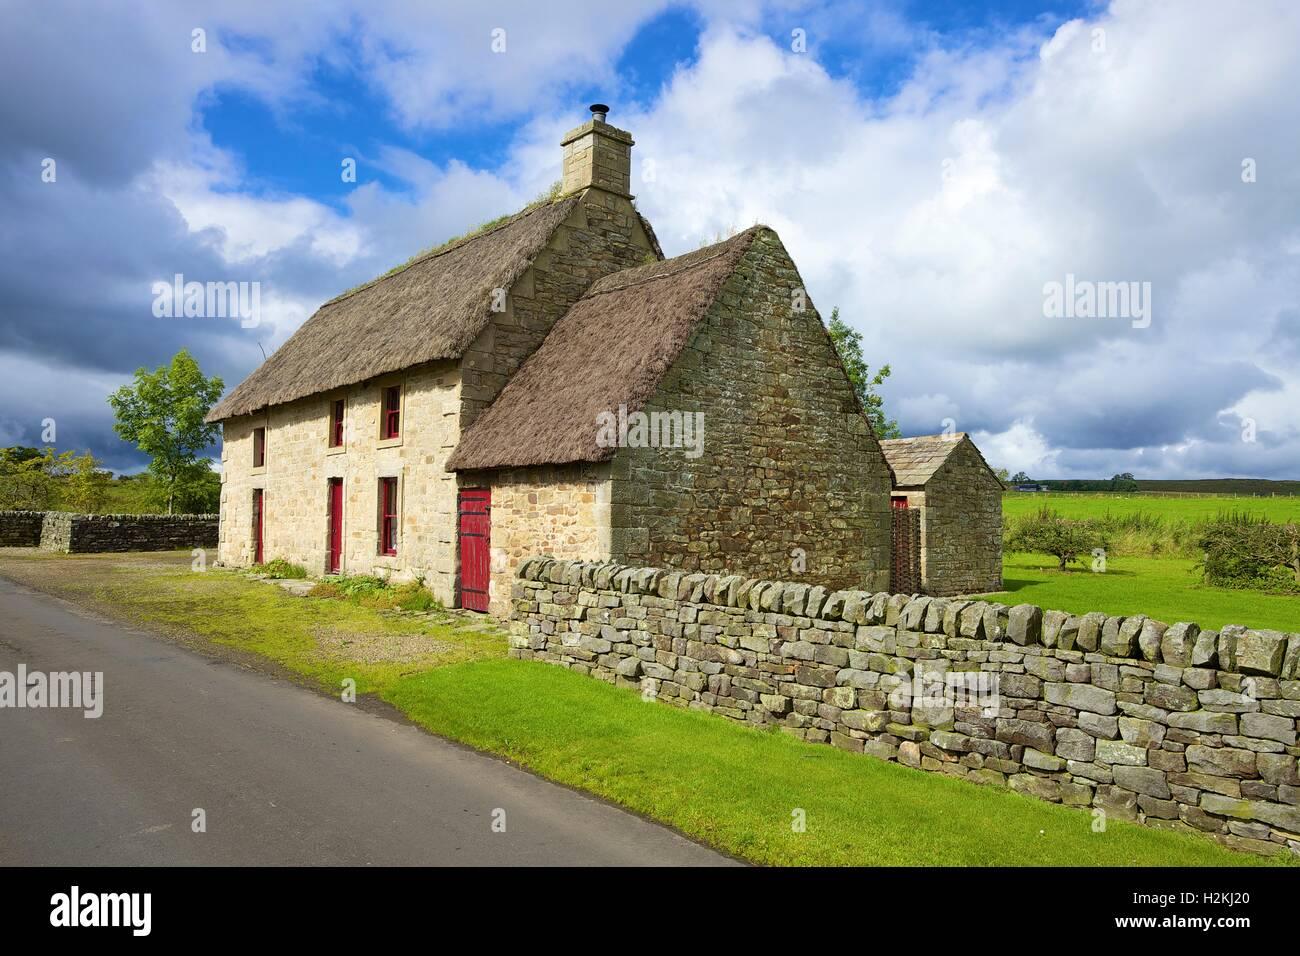 Causeway House. Ferme en pierre du 18ème siècle, Heather Black thack chaume. Vindolanda, Bardon Mill, Photo Stock